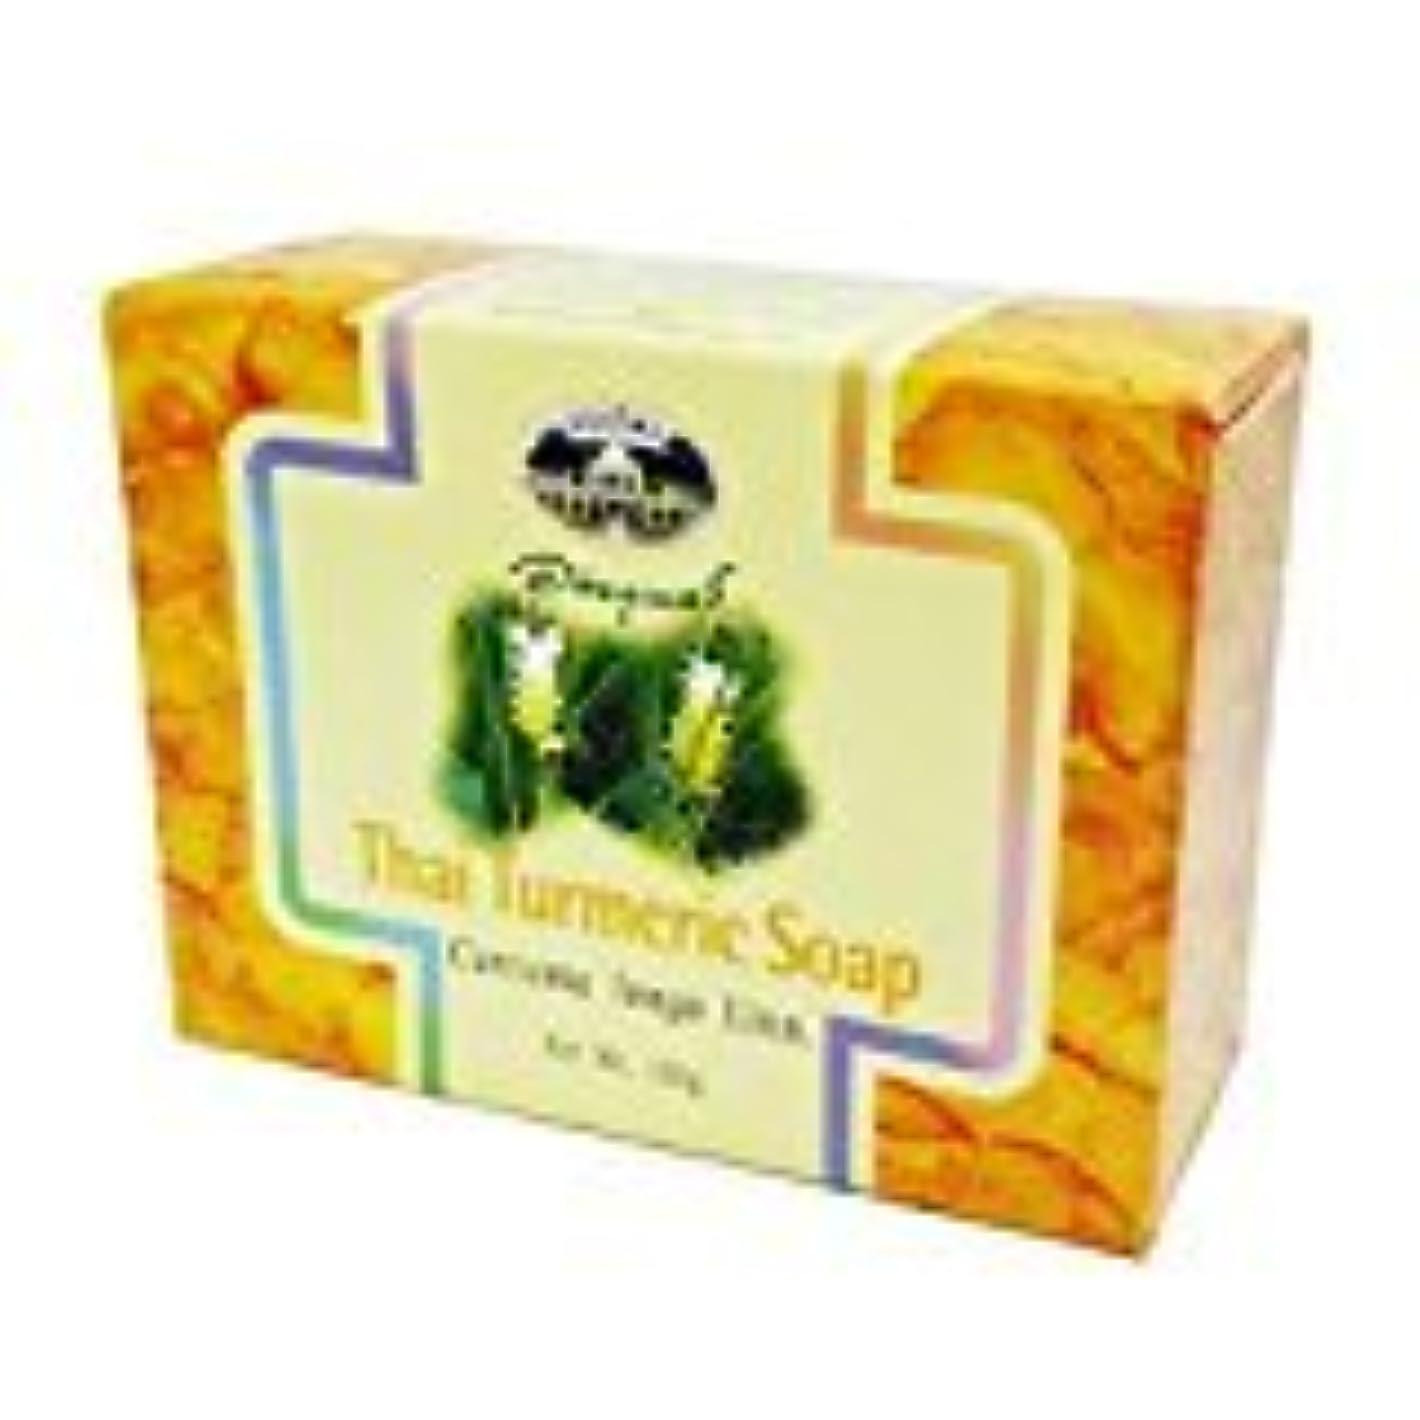 サンプル軽く労苦ウコン石けん abhaibhubejhr Turmeric soap 100g